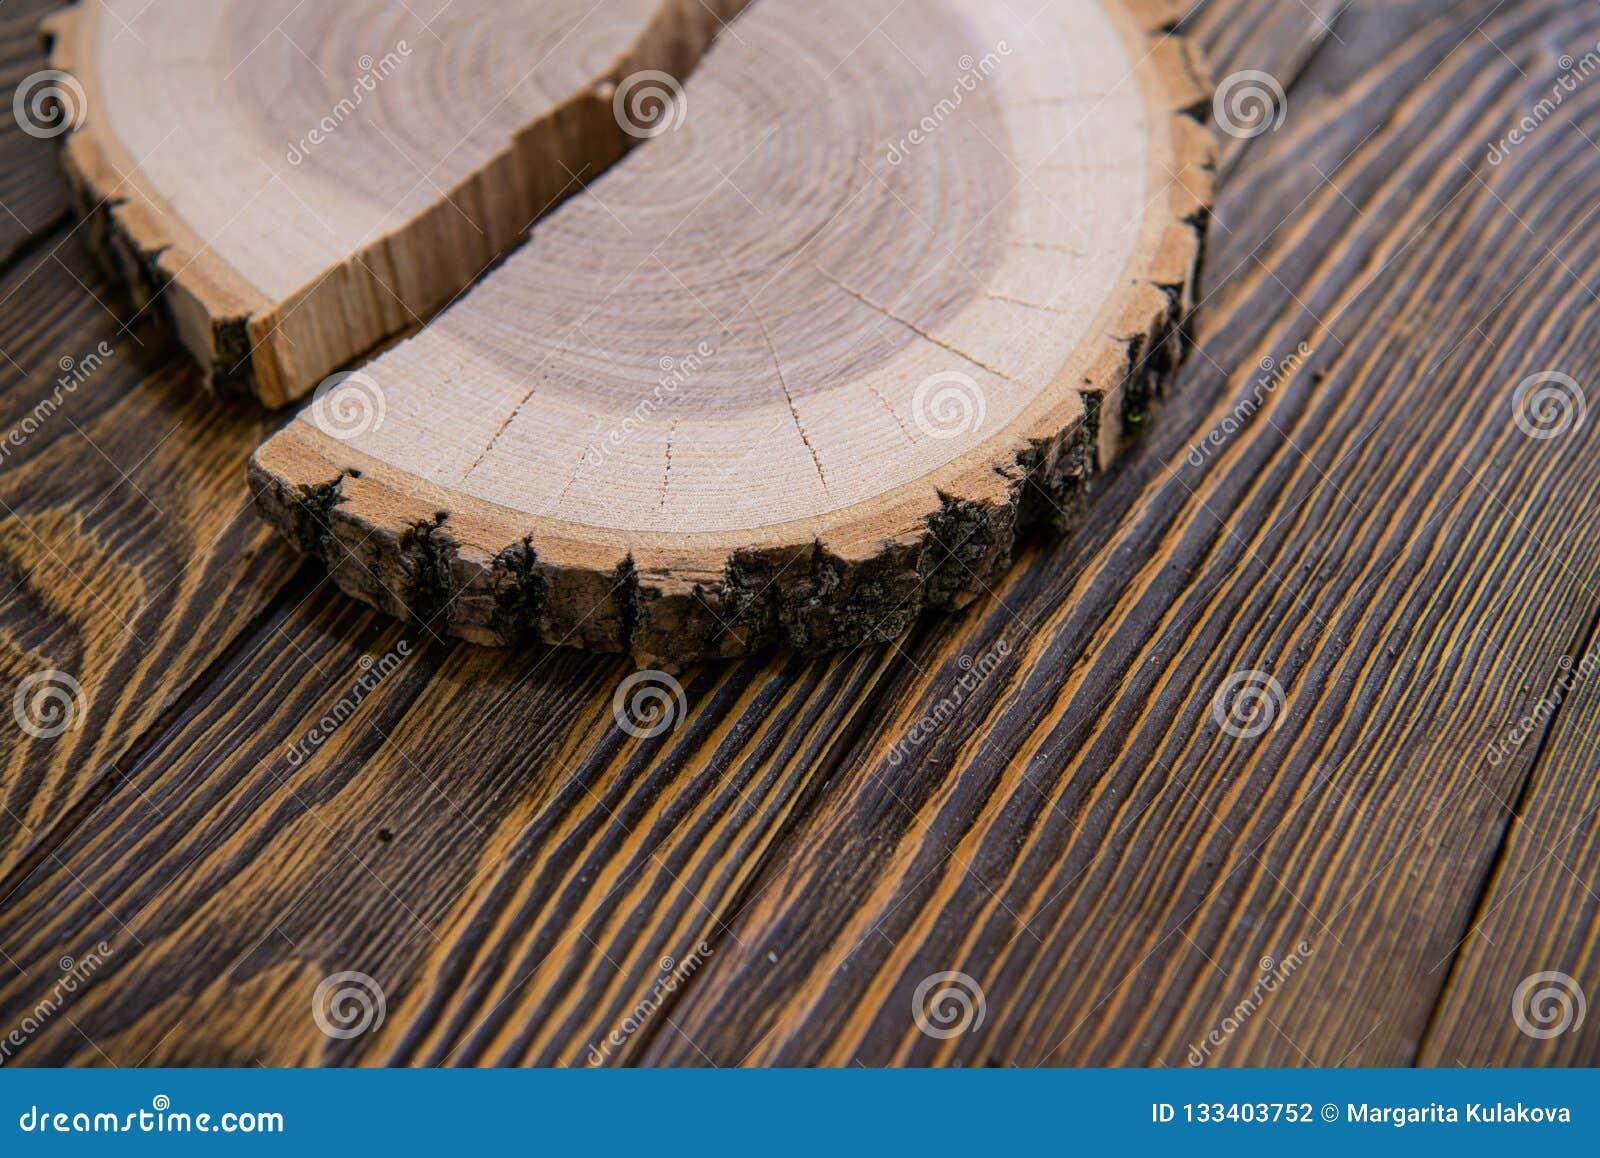 Coupe ronde de tronçon d arbre avec les anneaux annuels sur le fond en bois de la vue supérieure